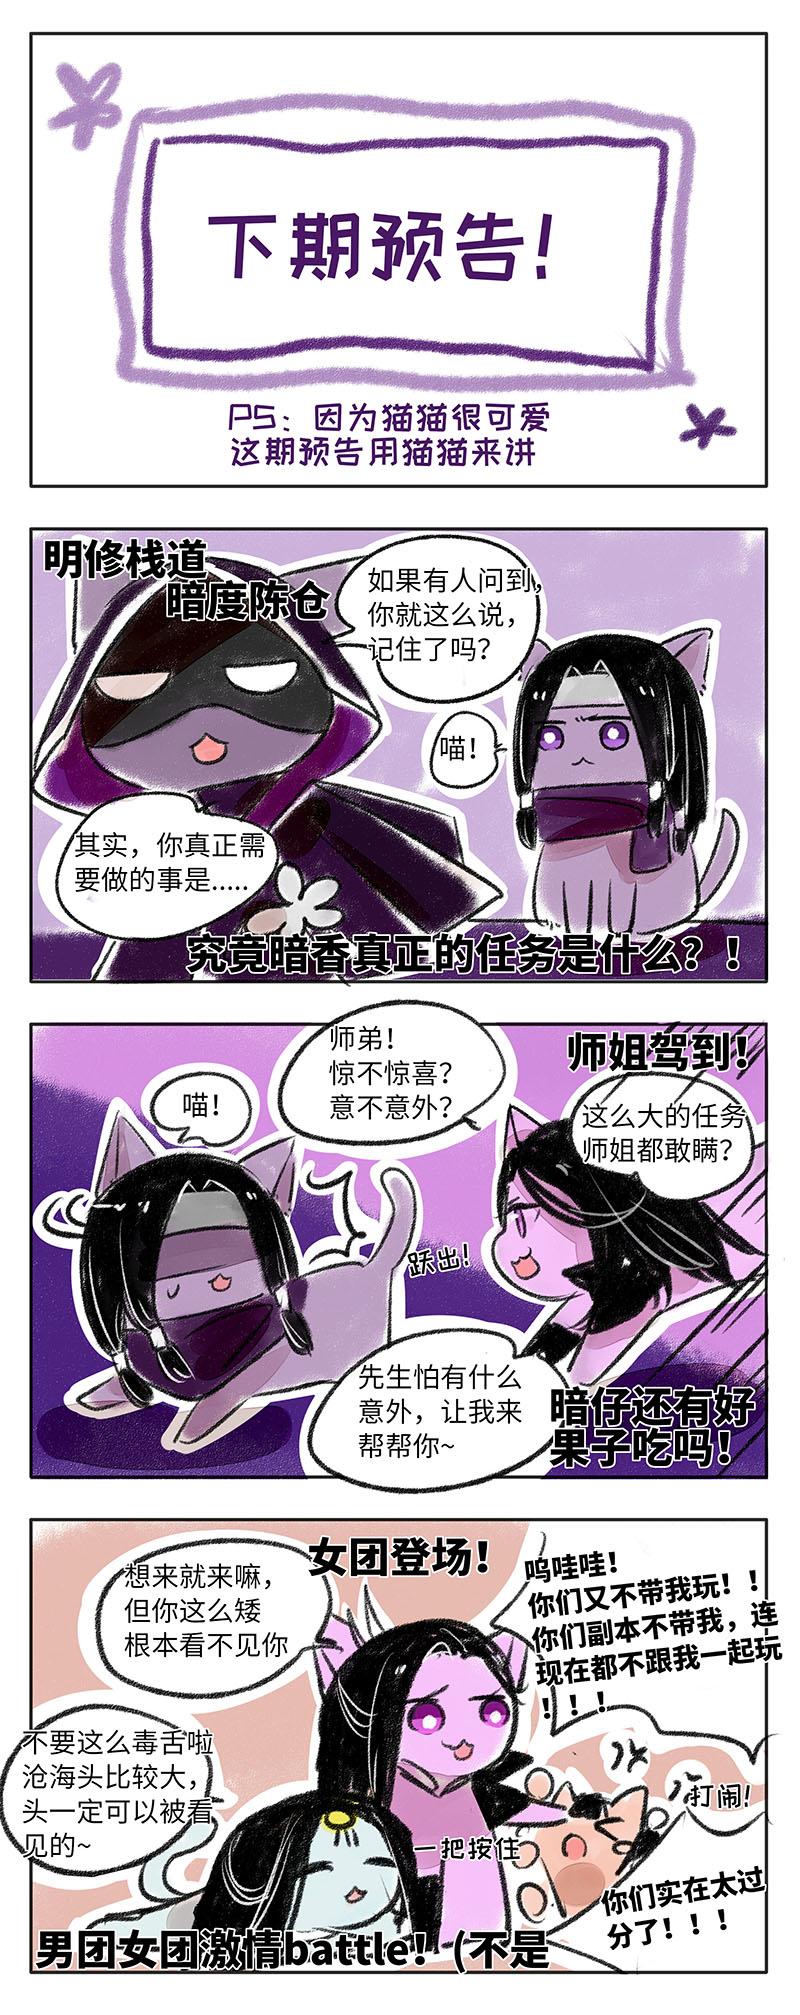 【原创作者联盟】【漫画学院】出道吧!一梦江湖!(第一话)(下期预告)